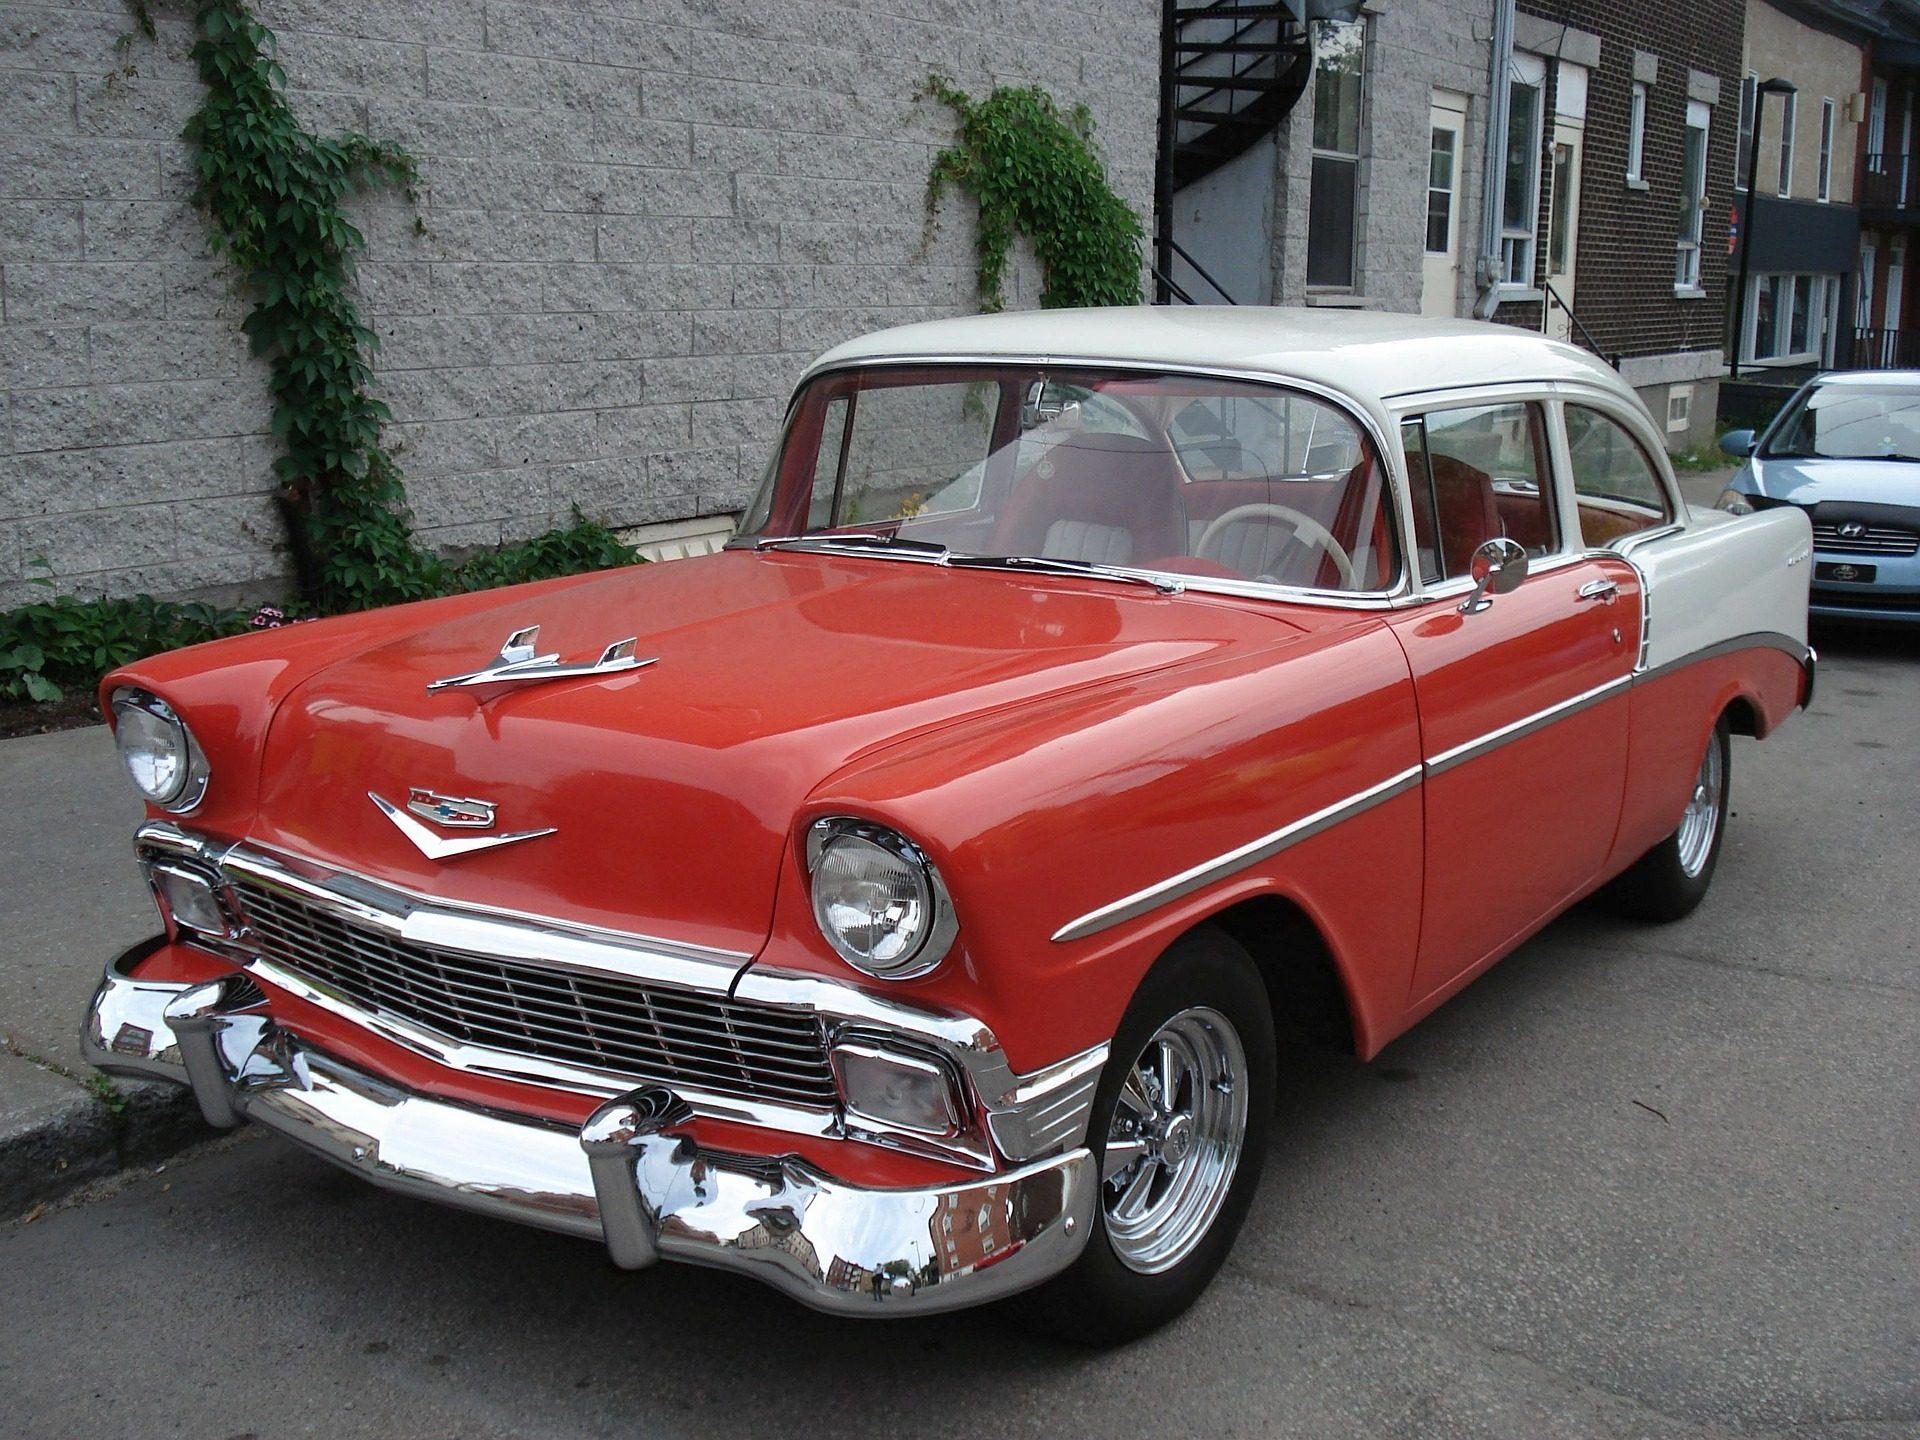 voiture, vieux, Vintage, Chevy, Bel air, luminosité, Rouge - Fonds d'écran HD - Professor-falken.com